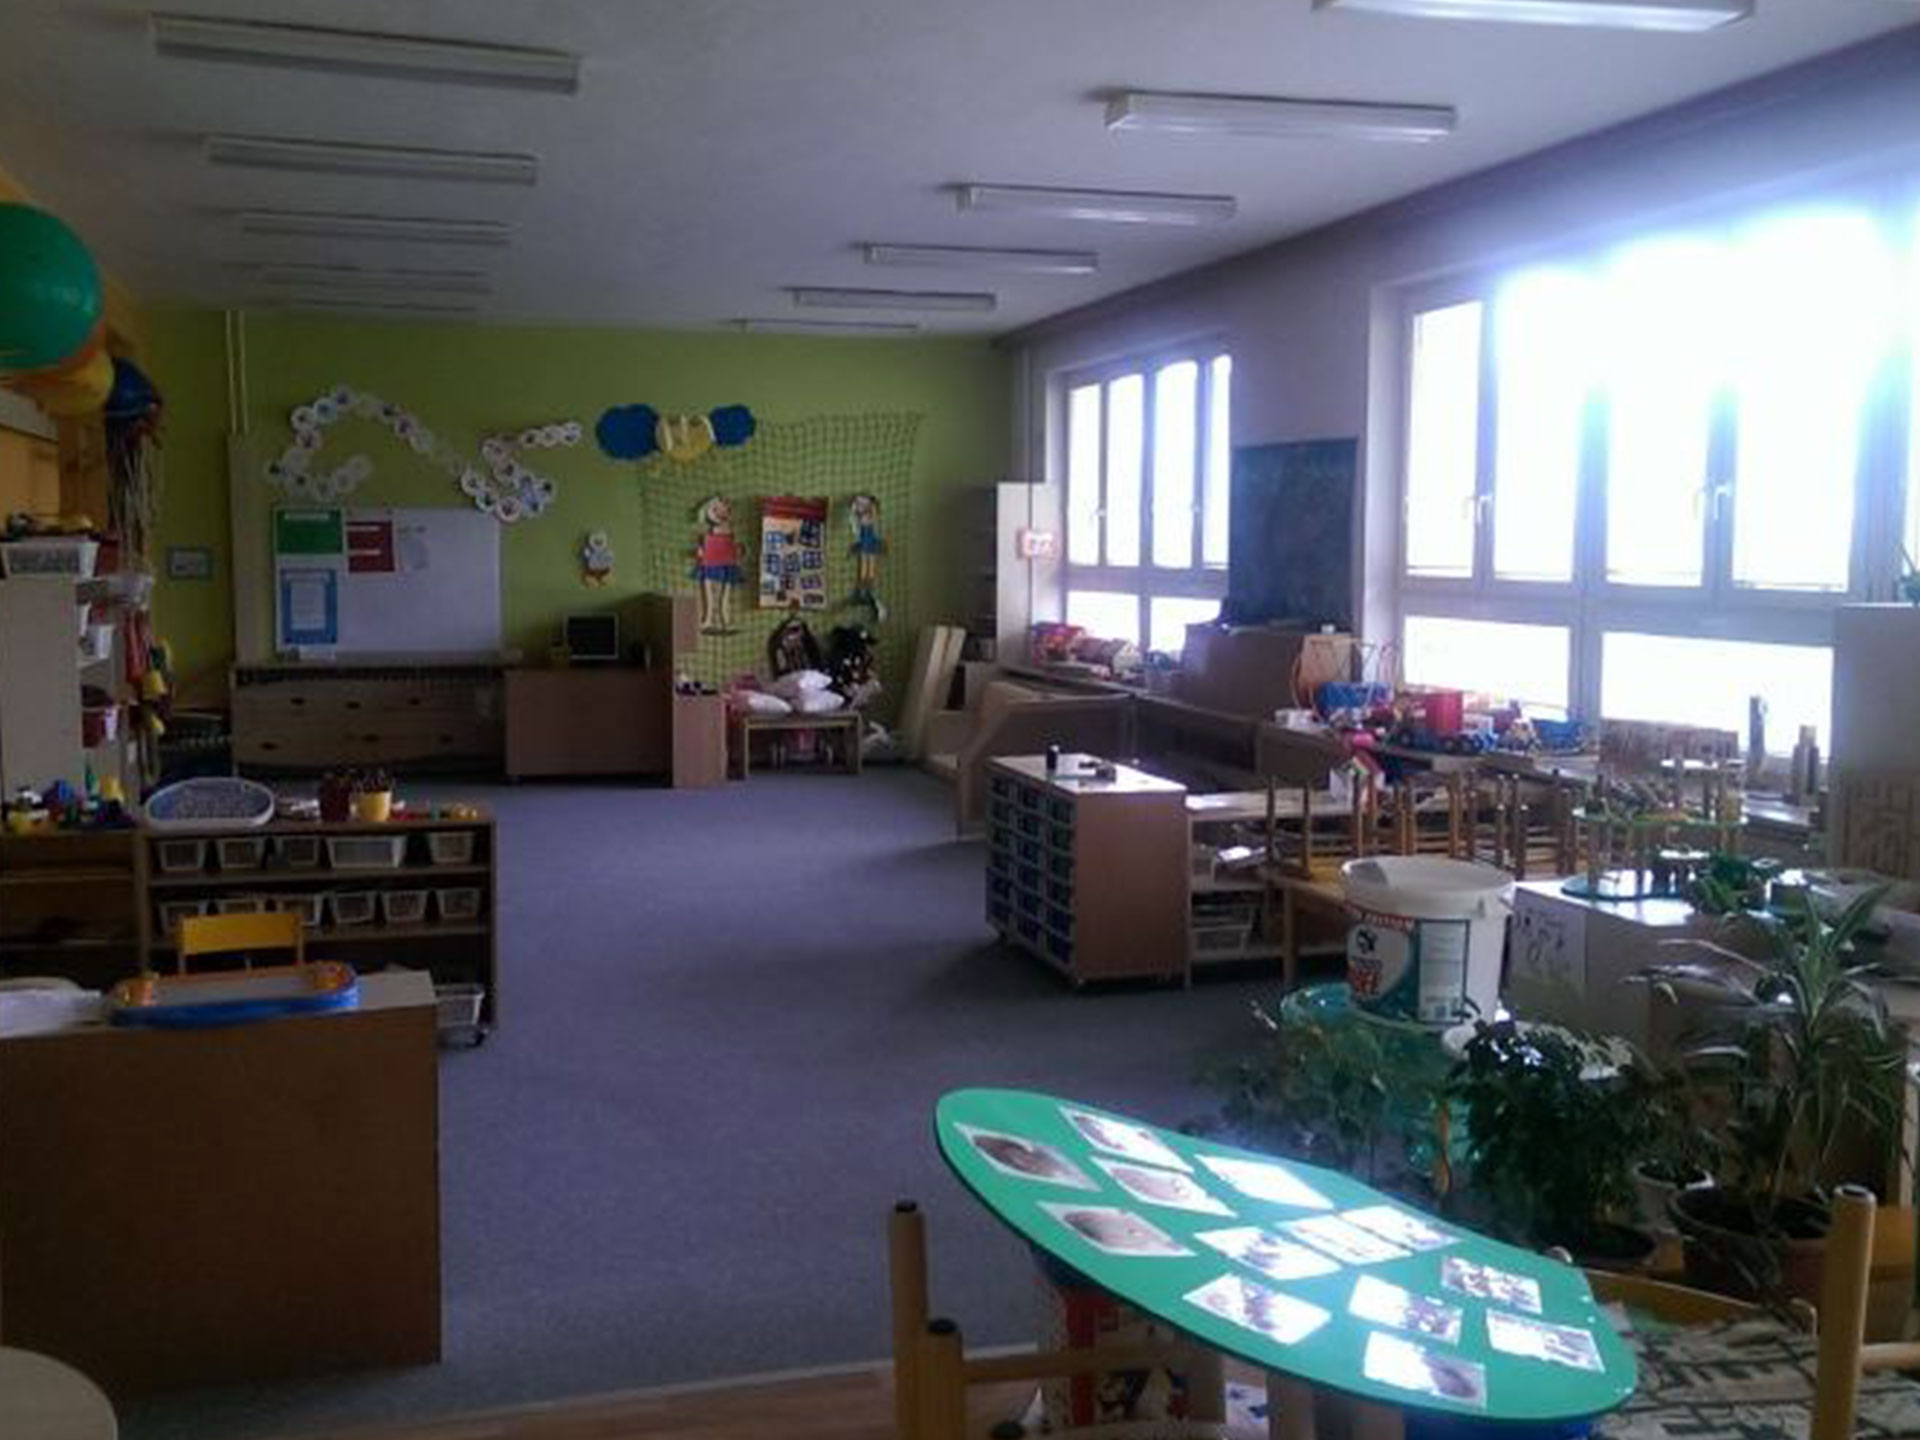 Instalace osvětlení v mateřské školce, Vizovice